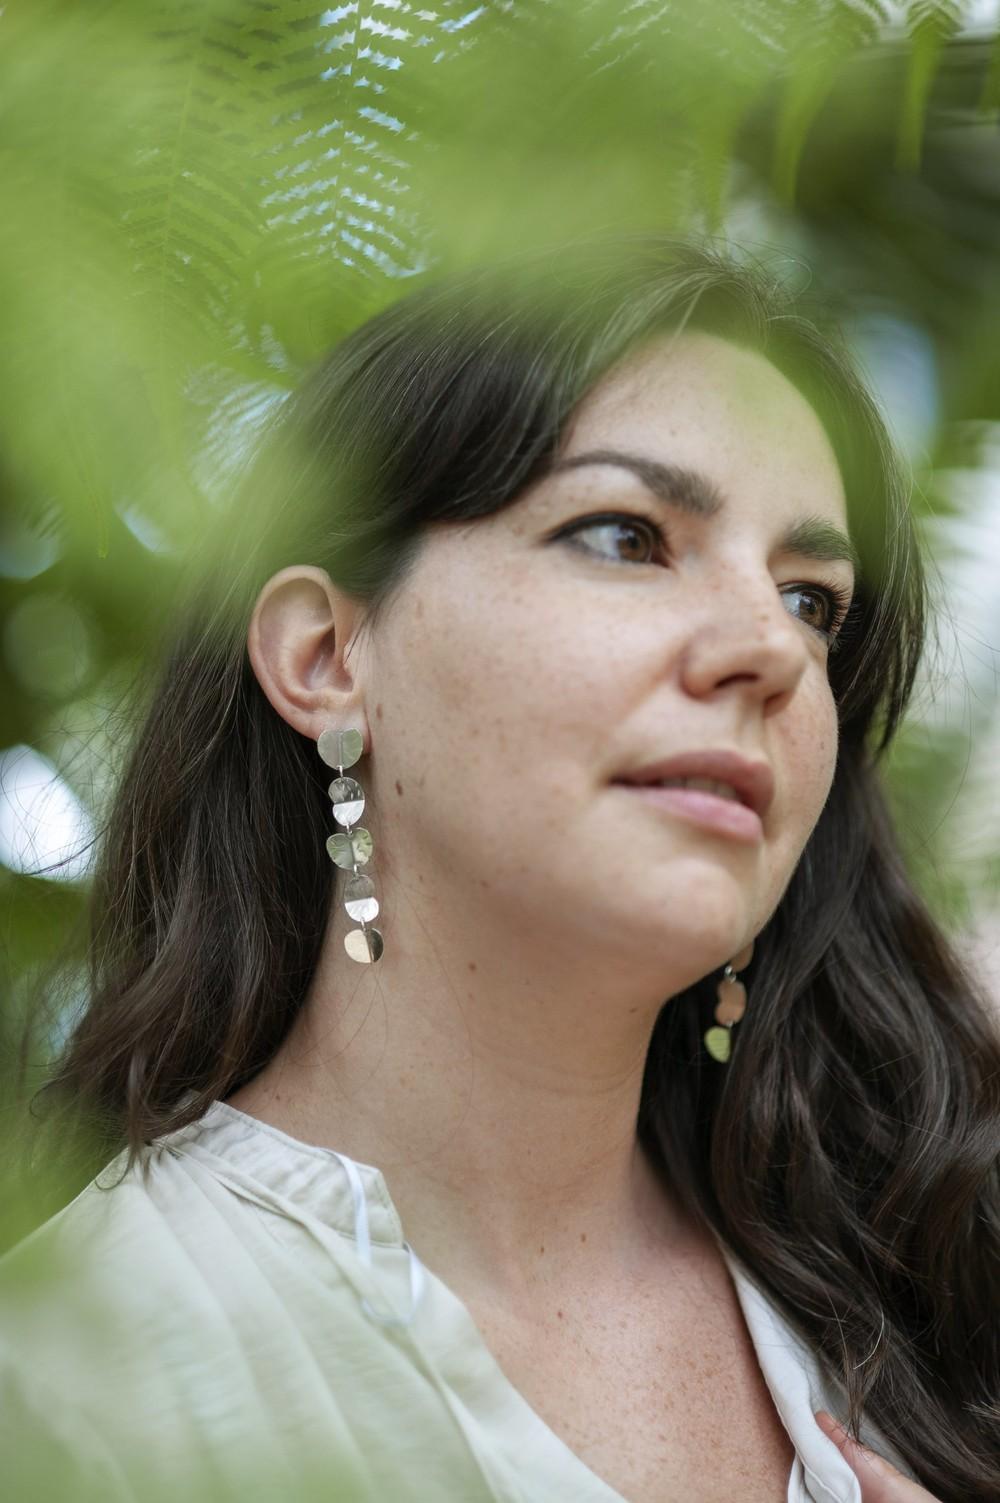 Boucles d'oreilles hoya kerrii - Elle & Sens